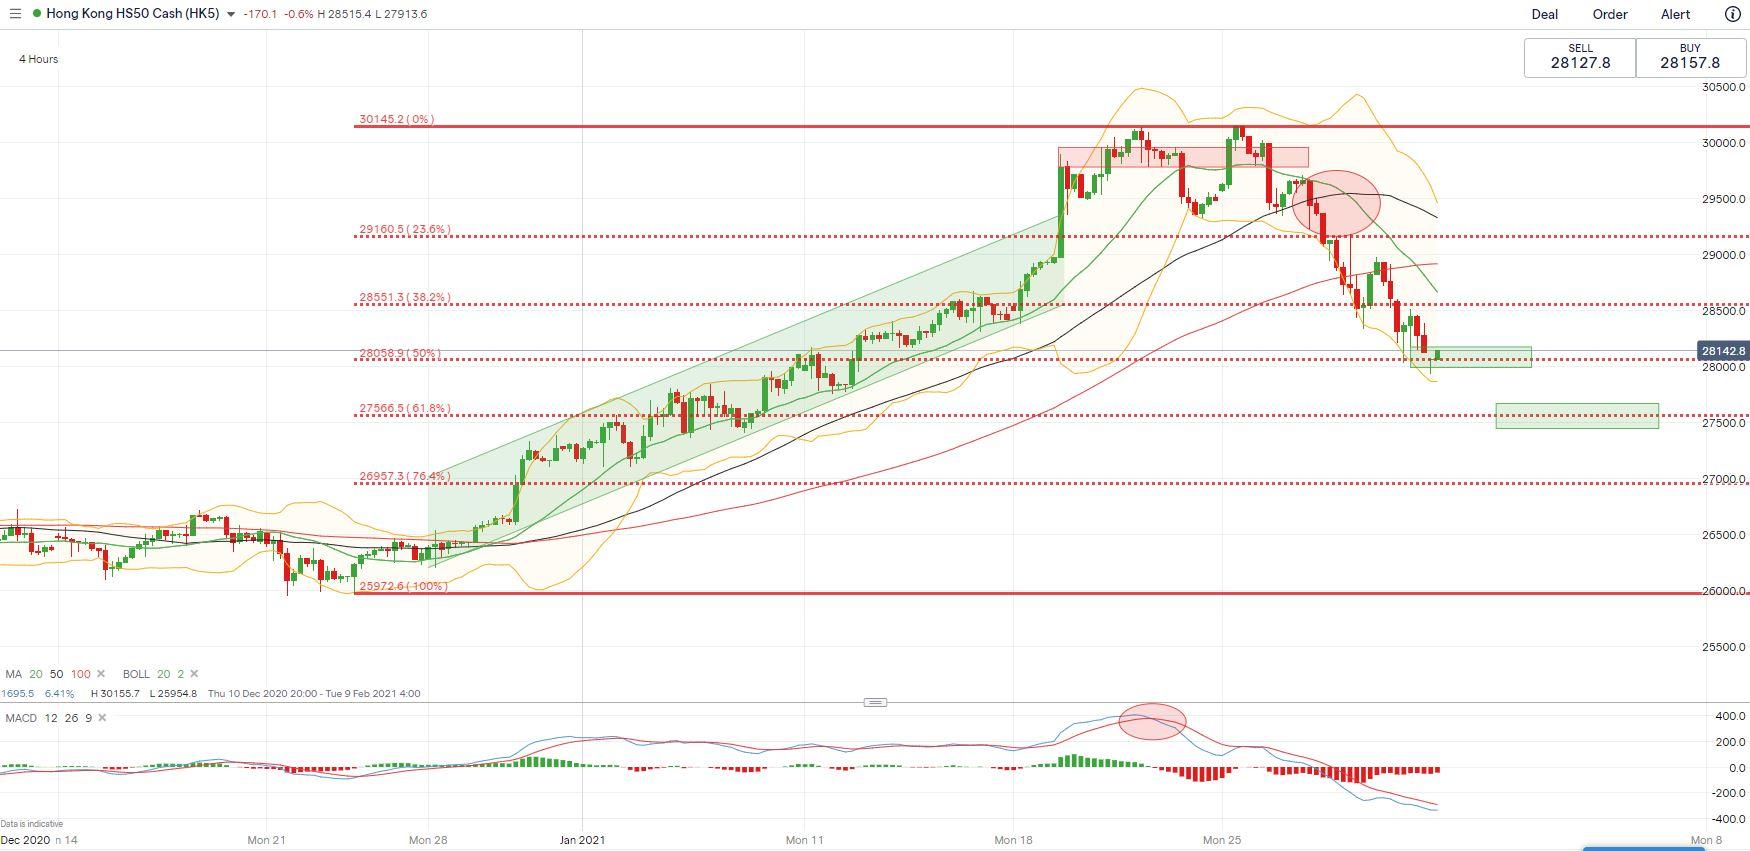 標普500、恒生指數、澳洲股指展望:市場仍將陰雨連綿?